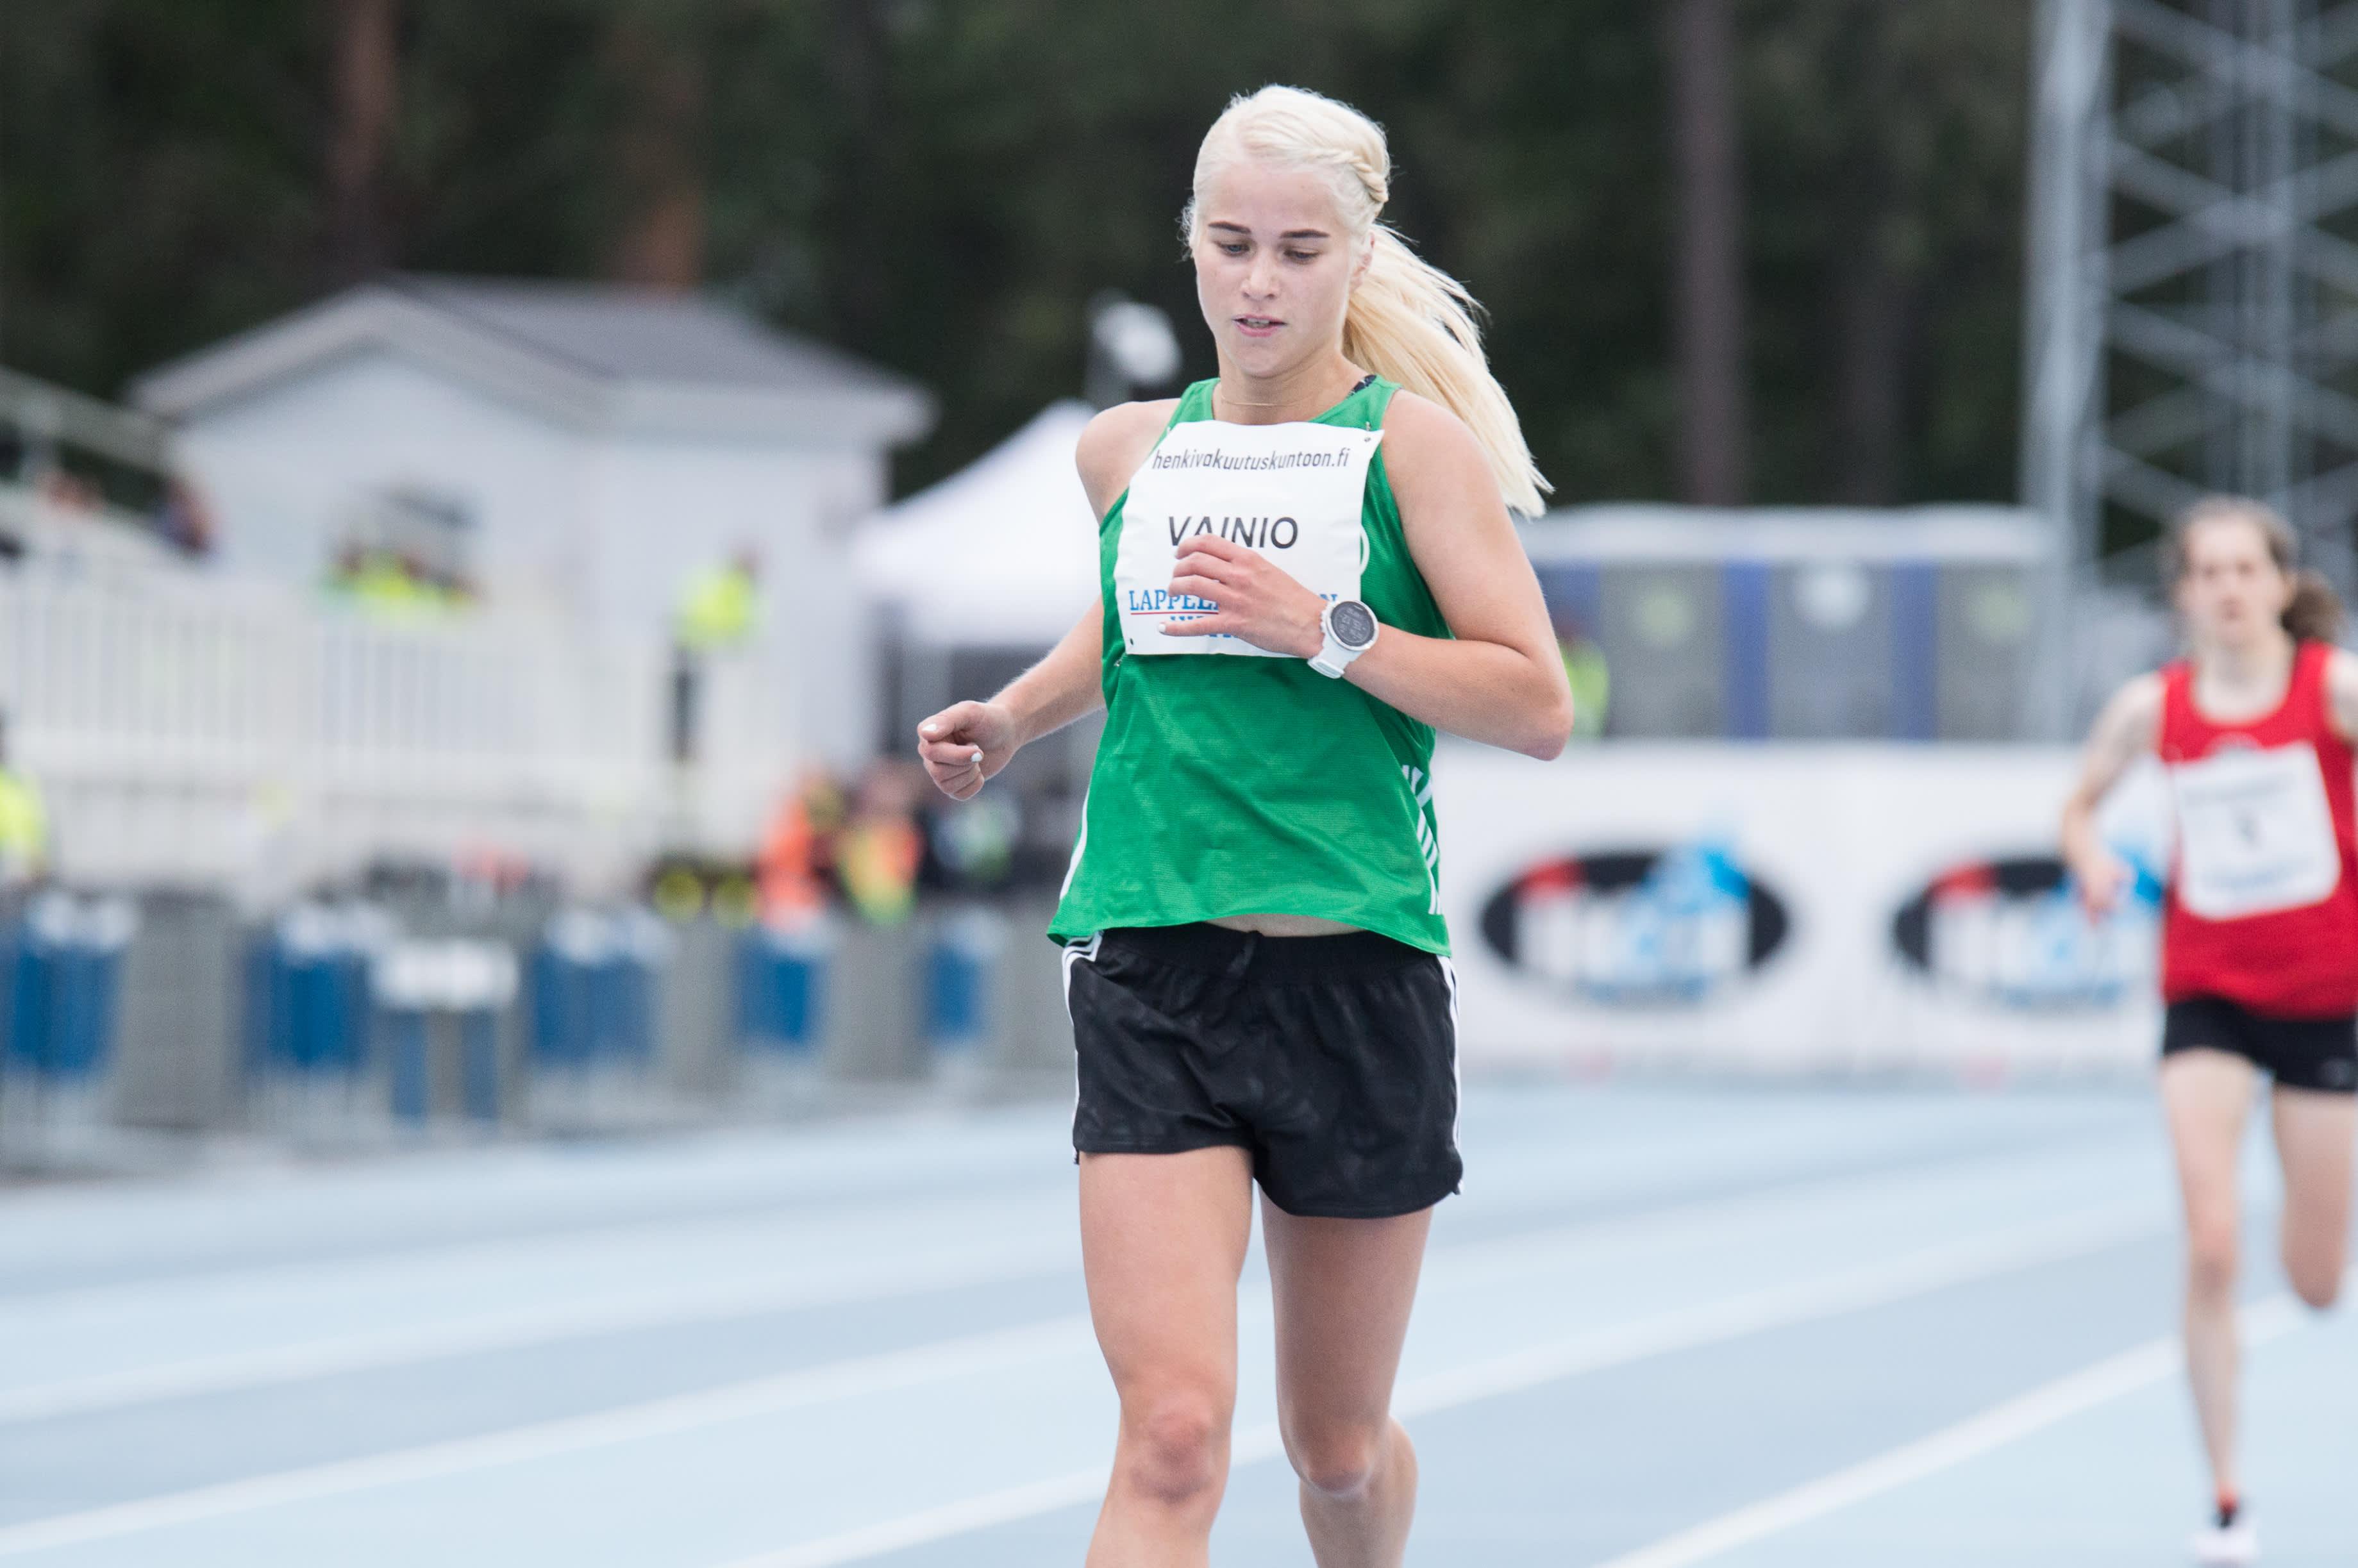 Alisa Vainio kilpaili kotikentällään Lappeenrannassa Kalevan kisoissa elokuussa 2019. Sen jälkeen tilillä on vain yksi startti, Dohan MM-maraton syyskuussa 2019.